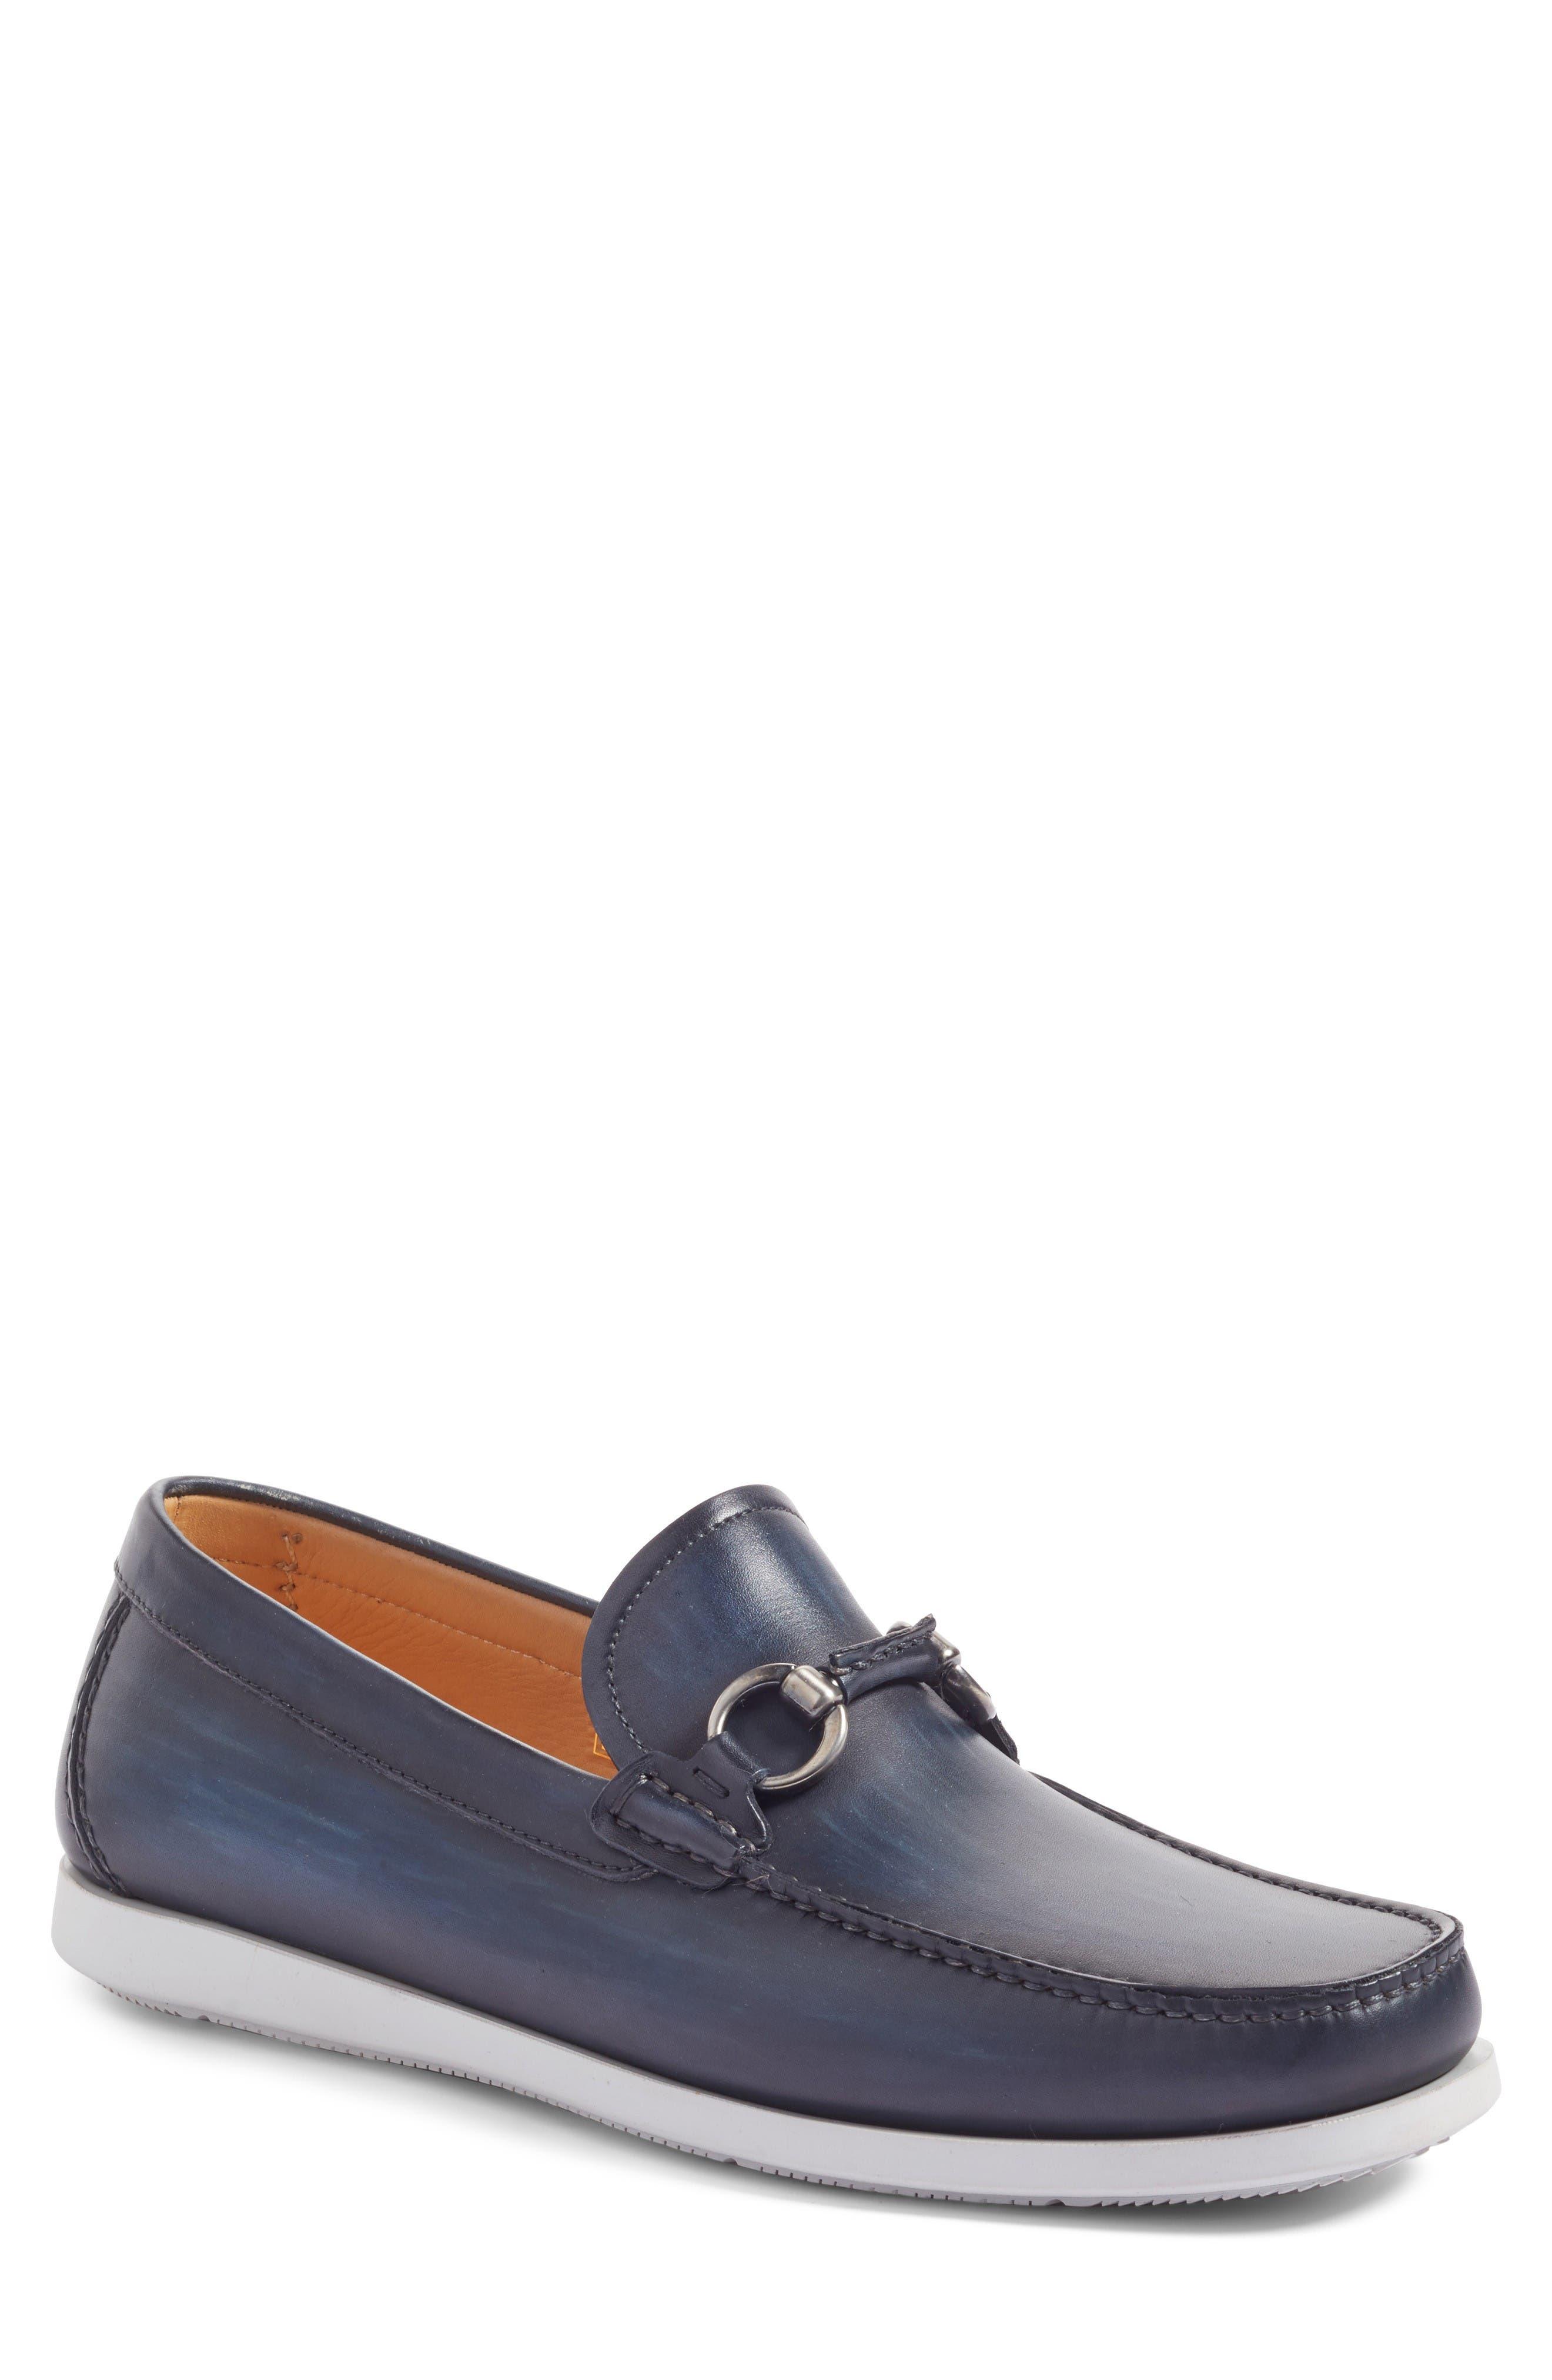 Marbella Bit Loafer,                         Main,                         color, Navy